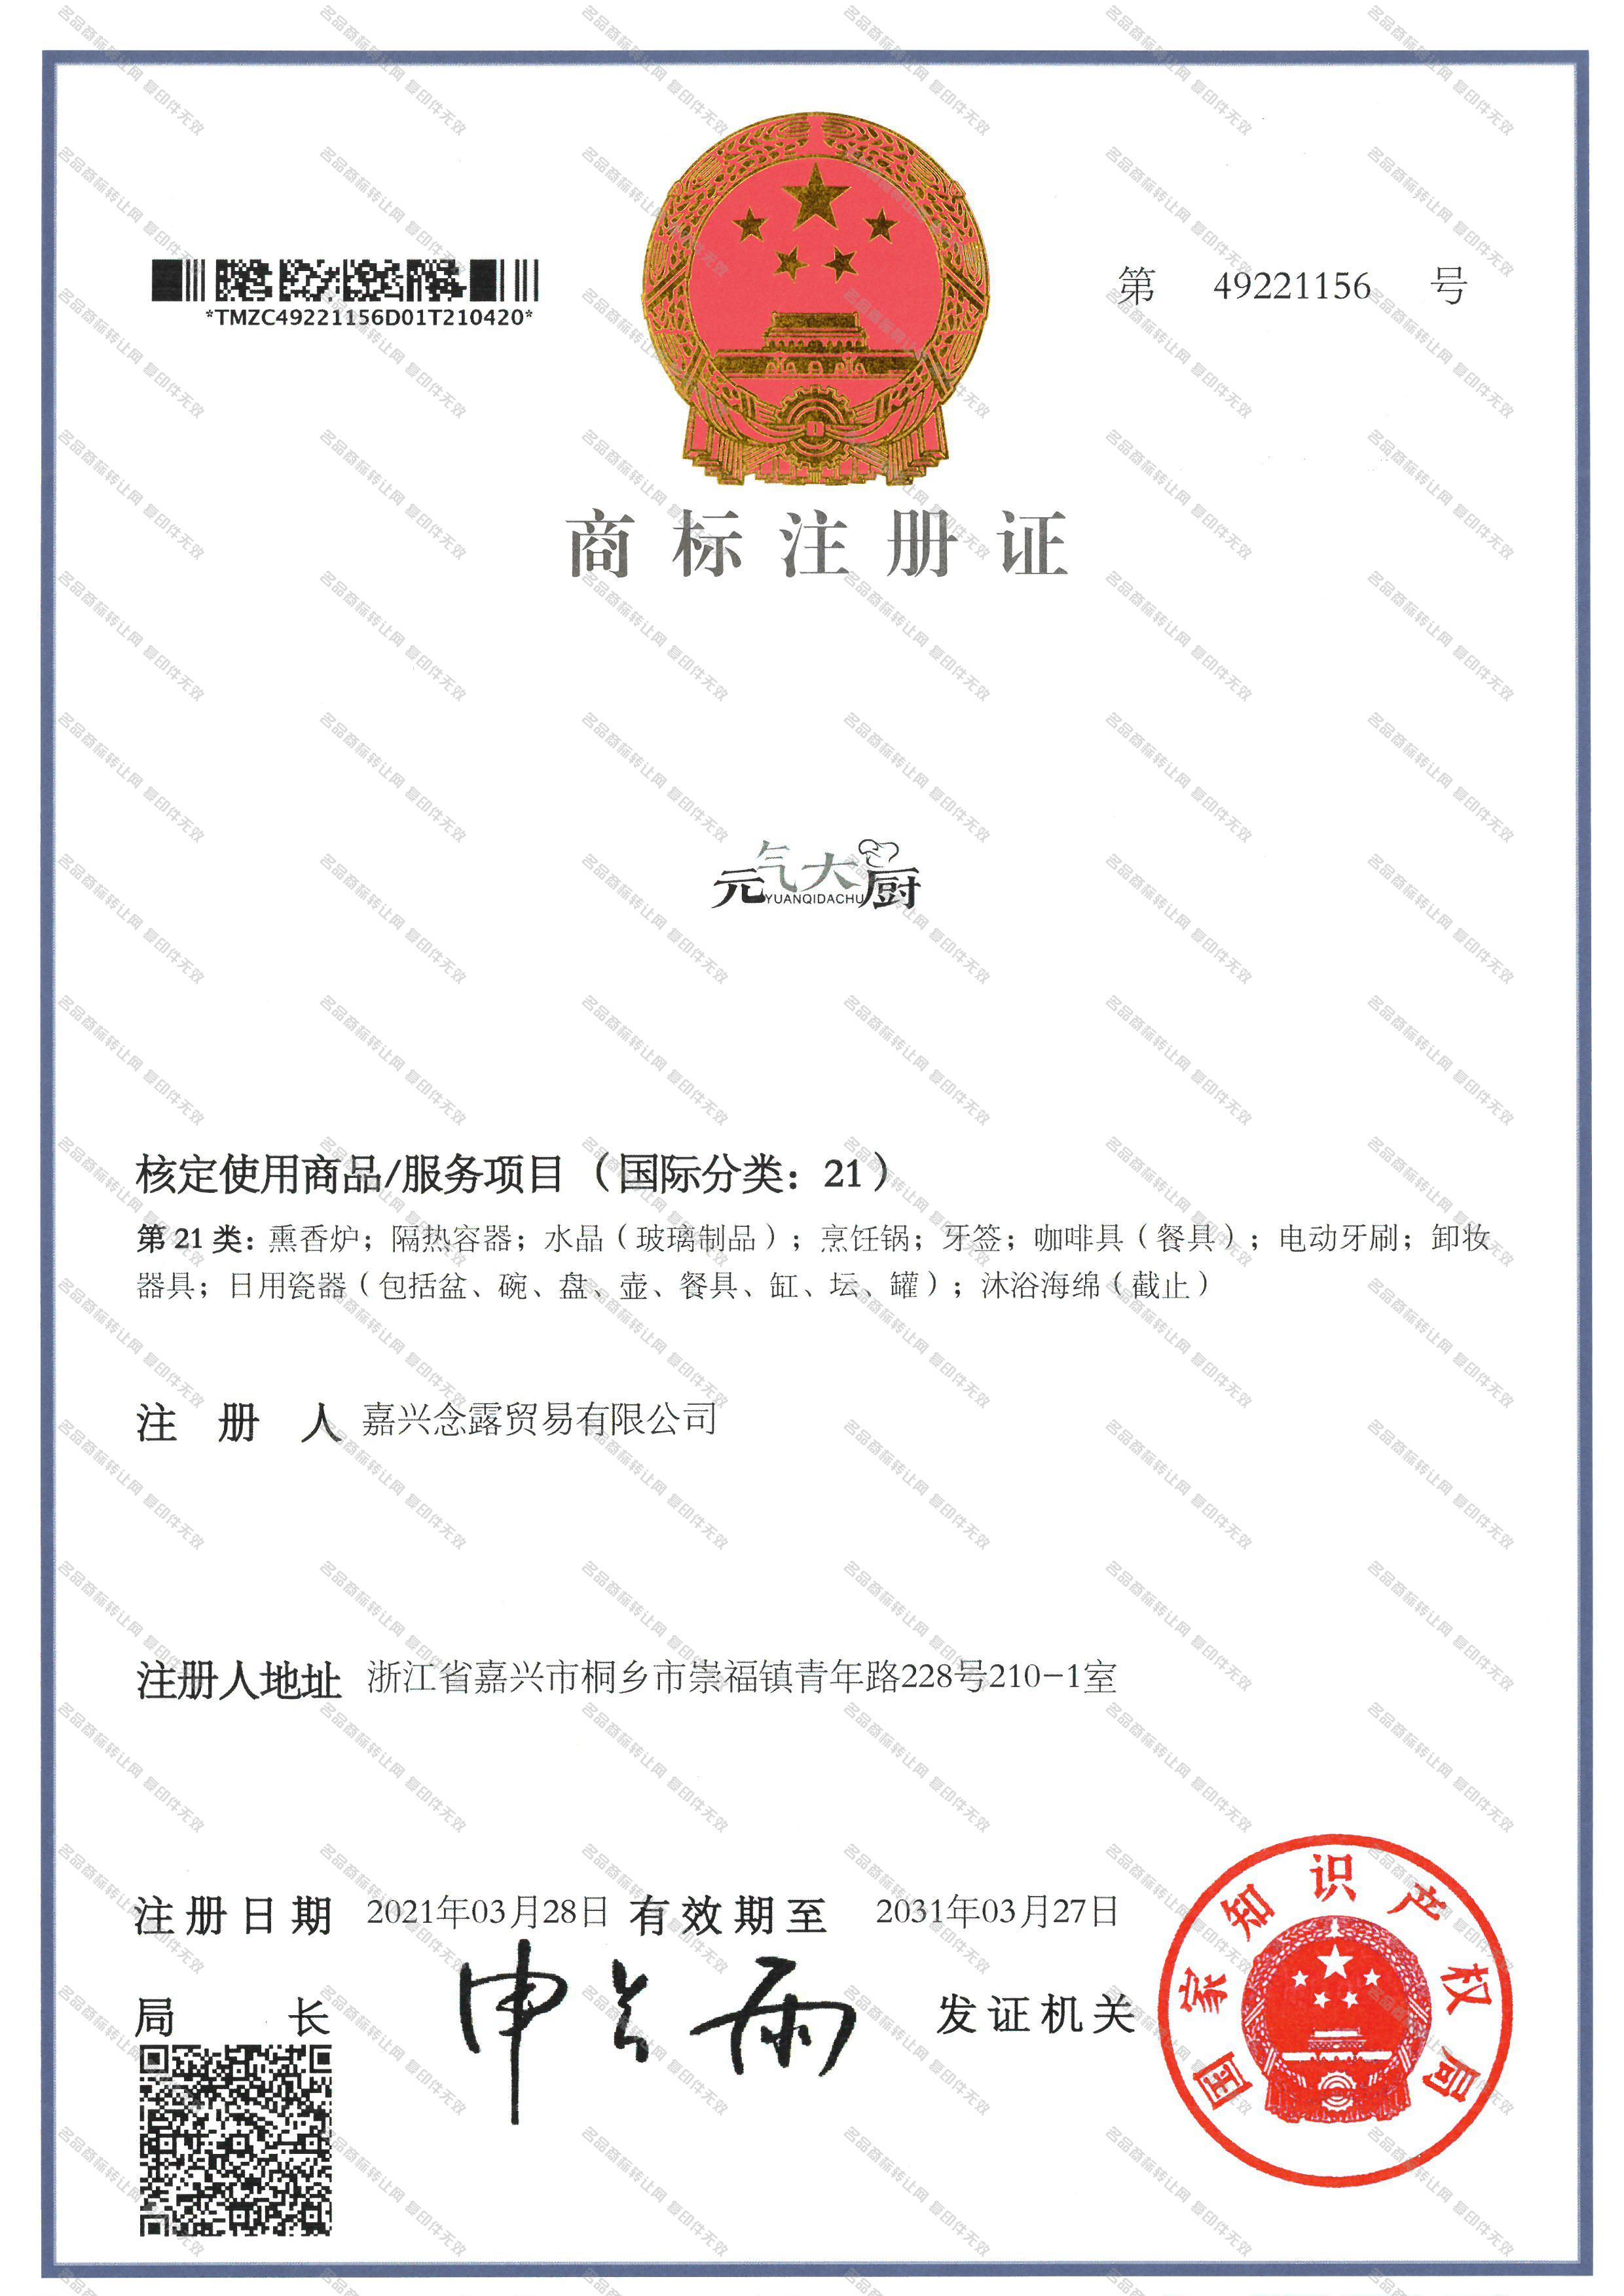 元气大厨;YUANQIDACHU注册证